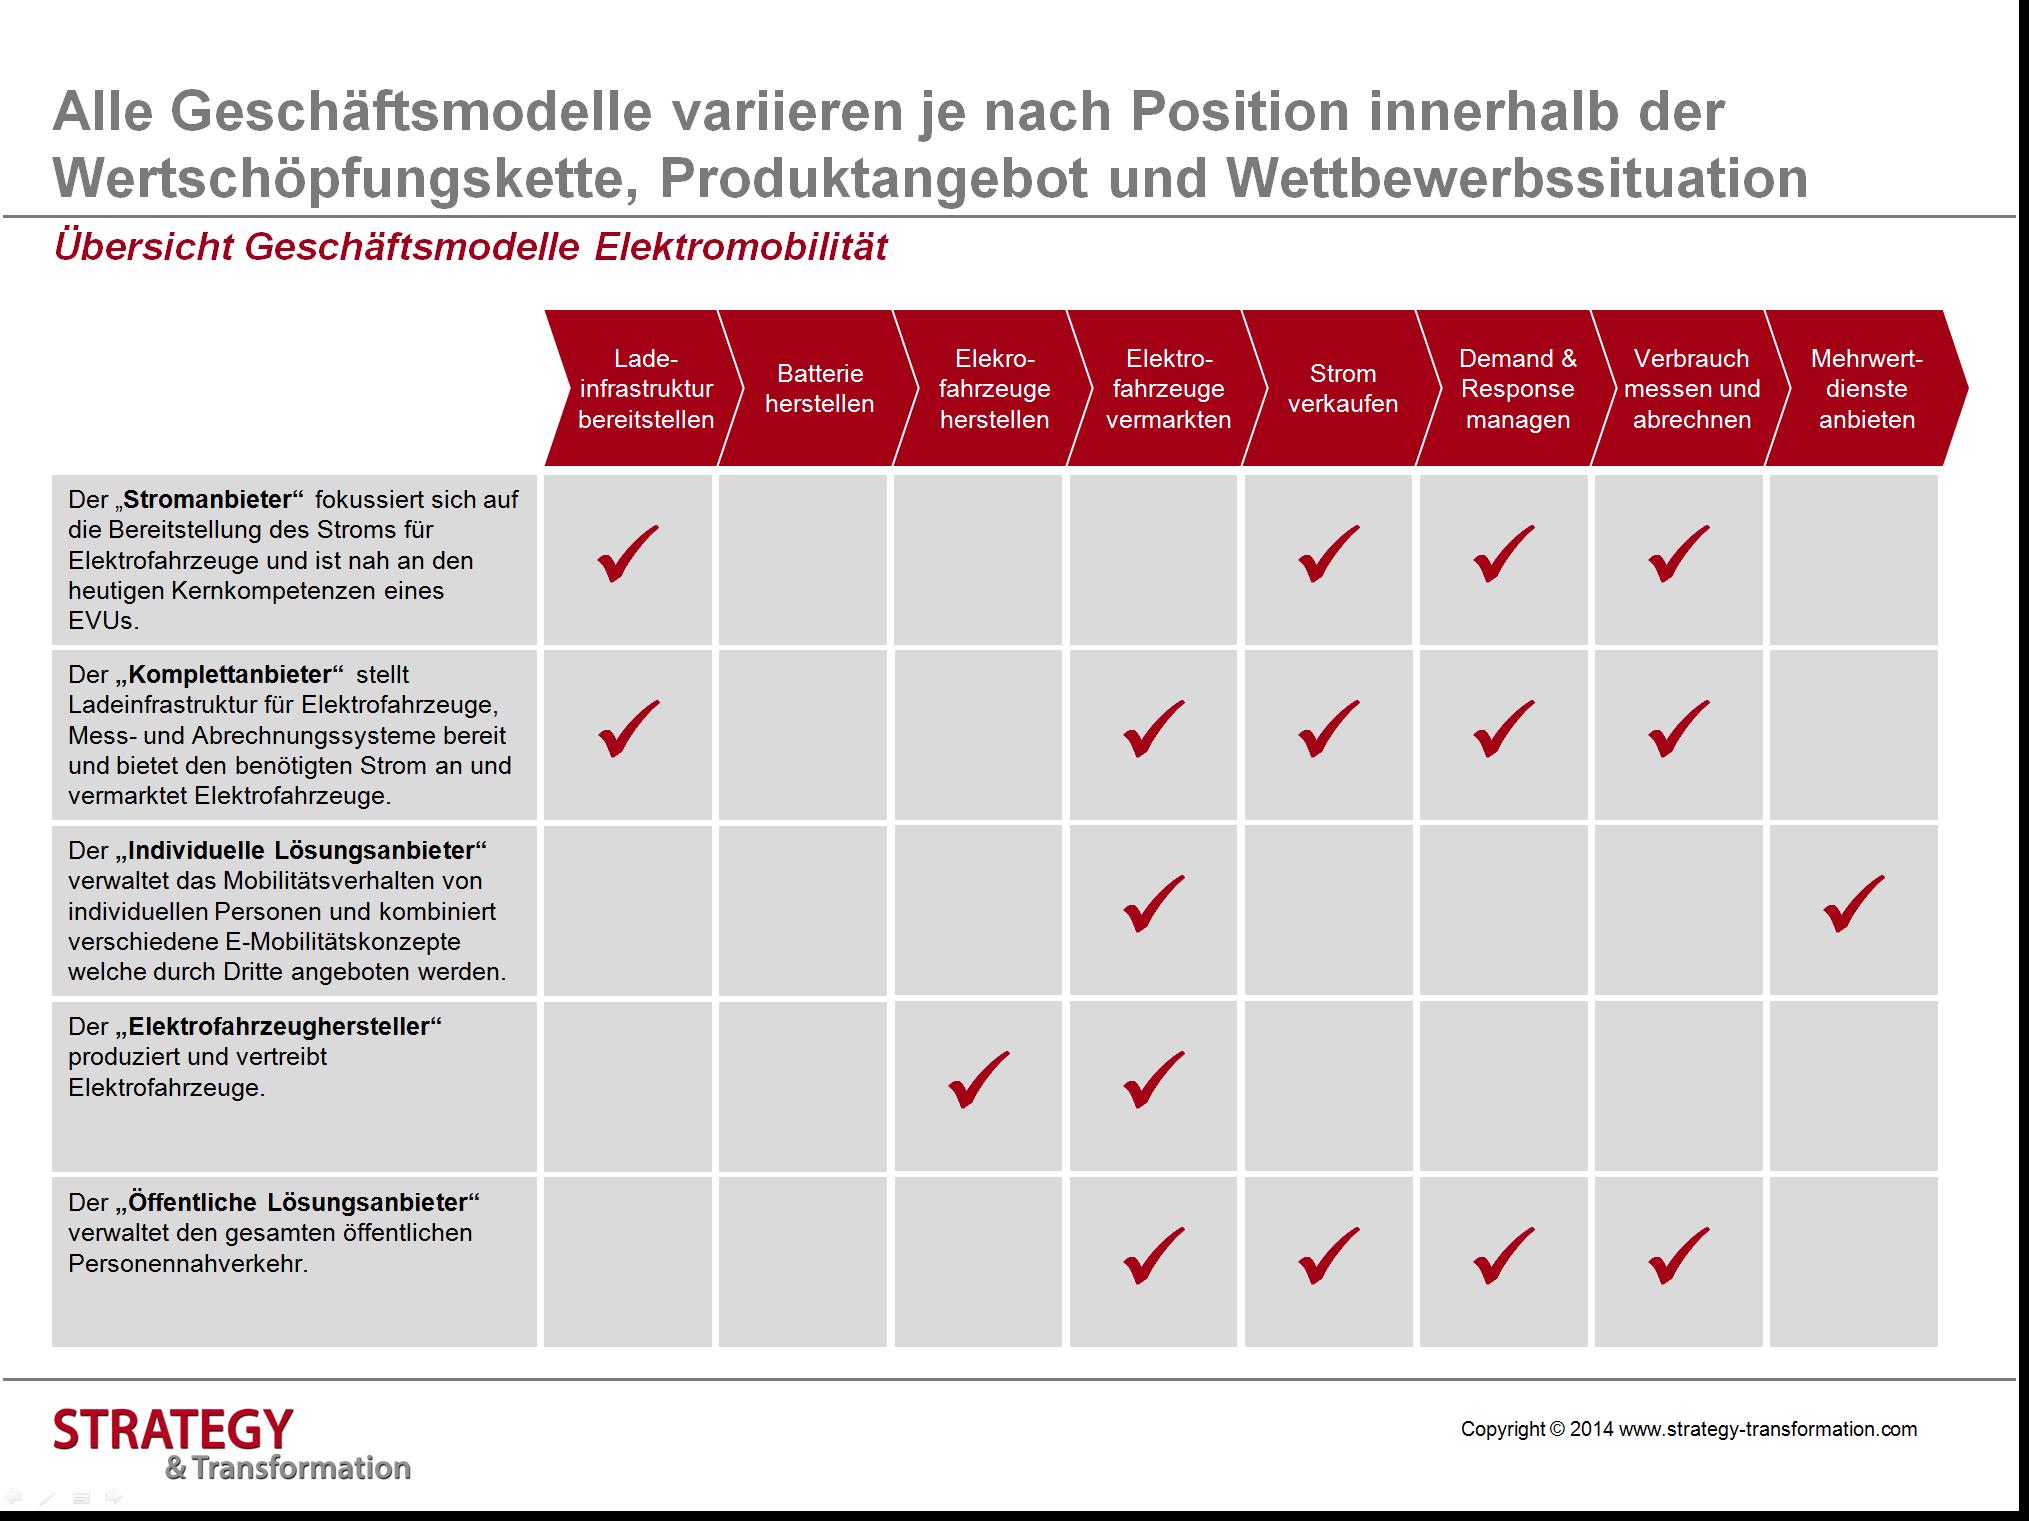 Elektromobilität_Übersicht Geschäftsmodelle